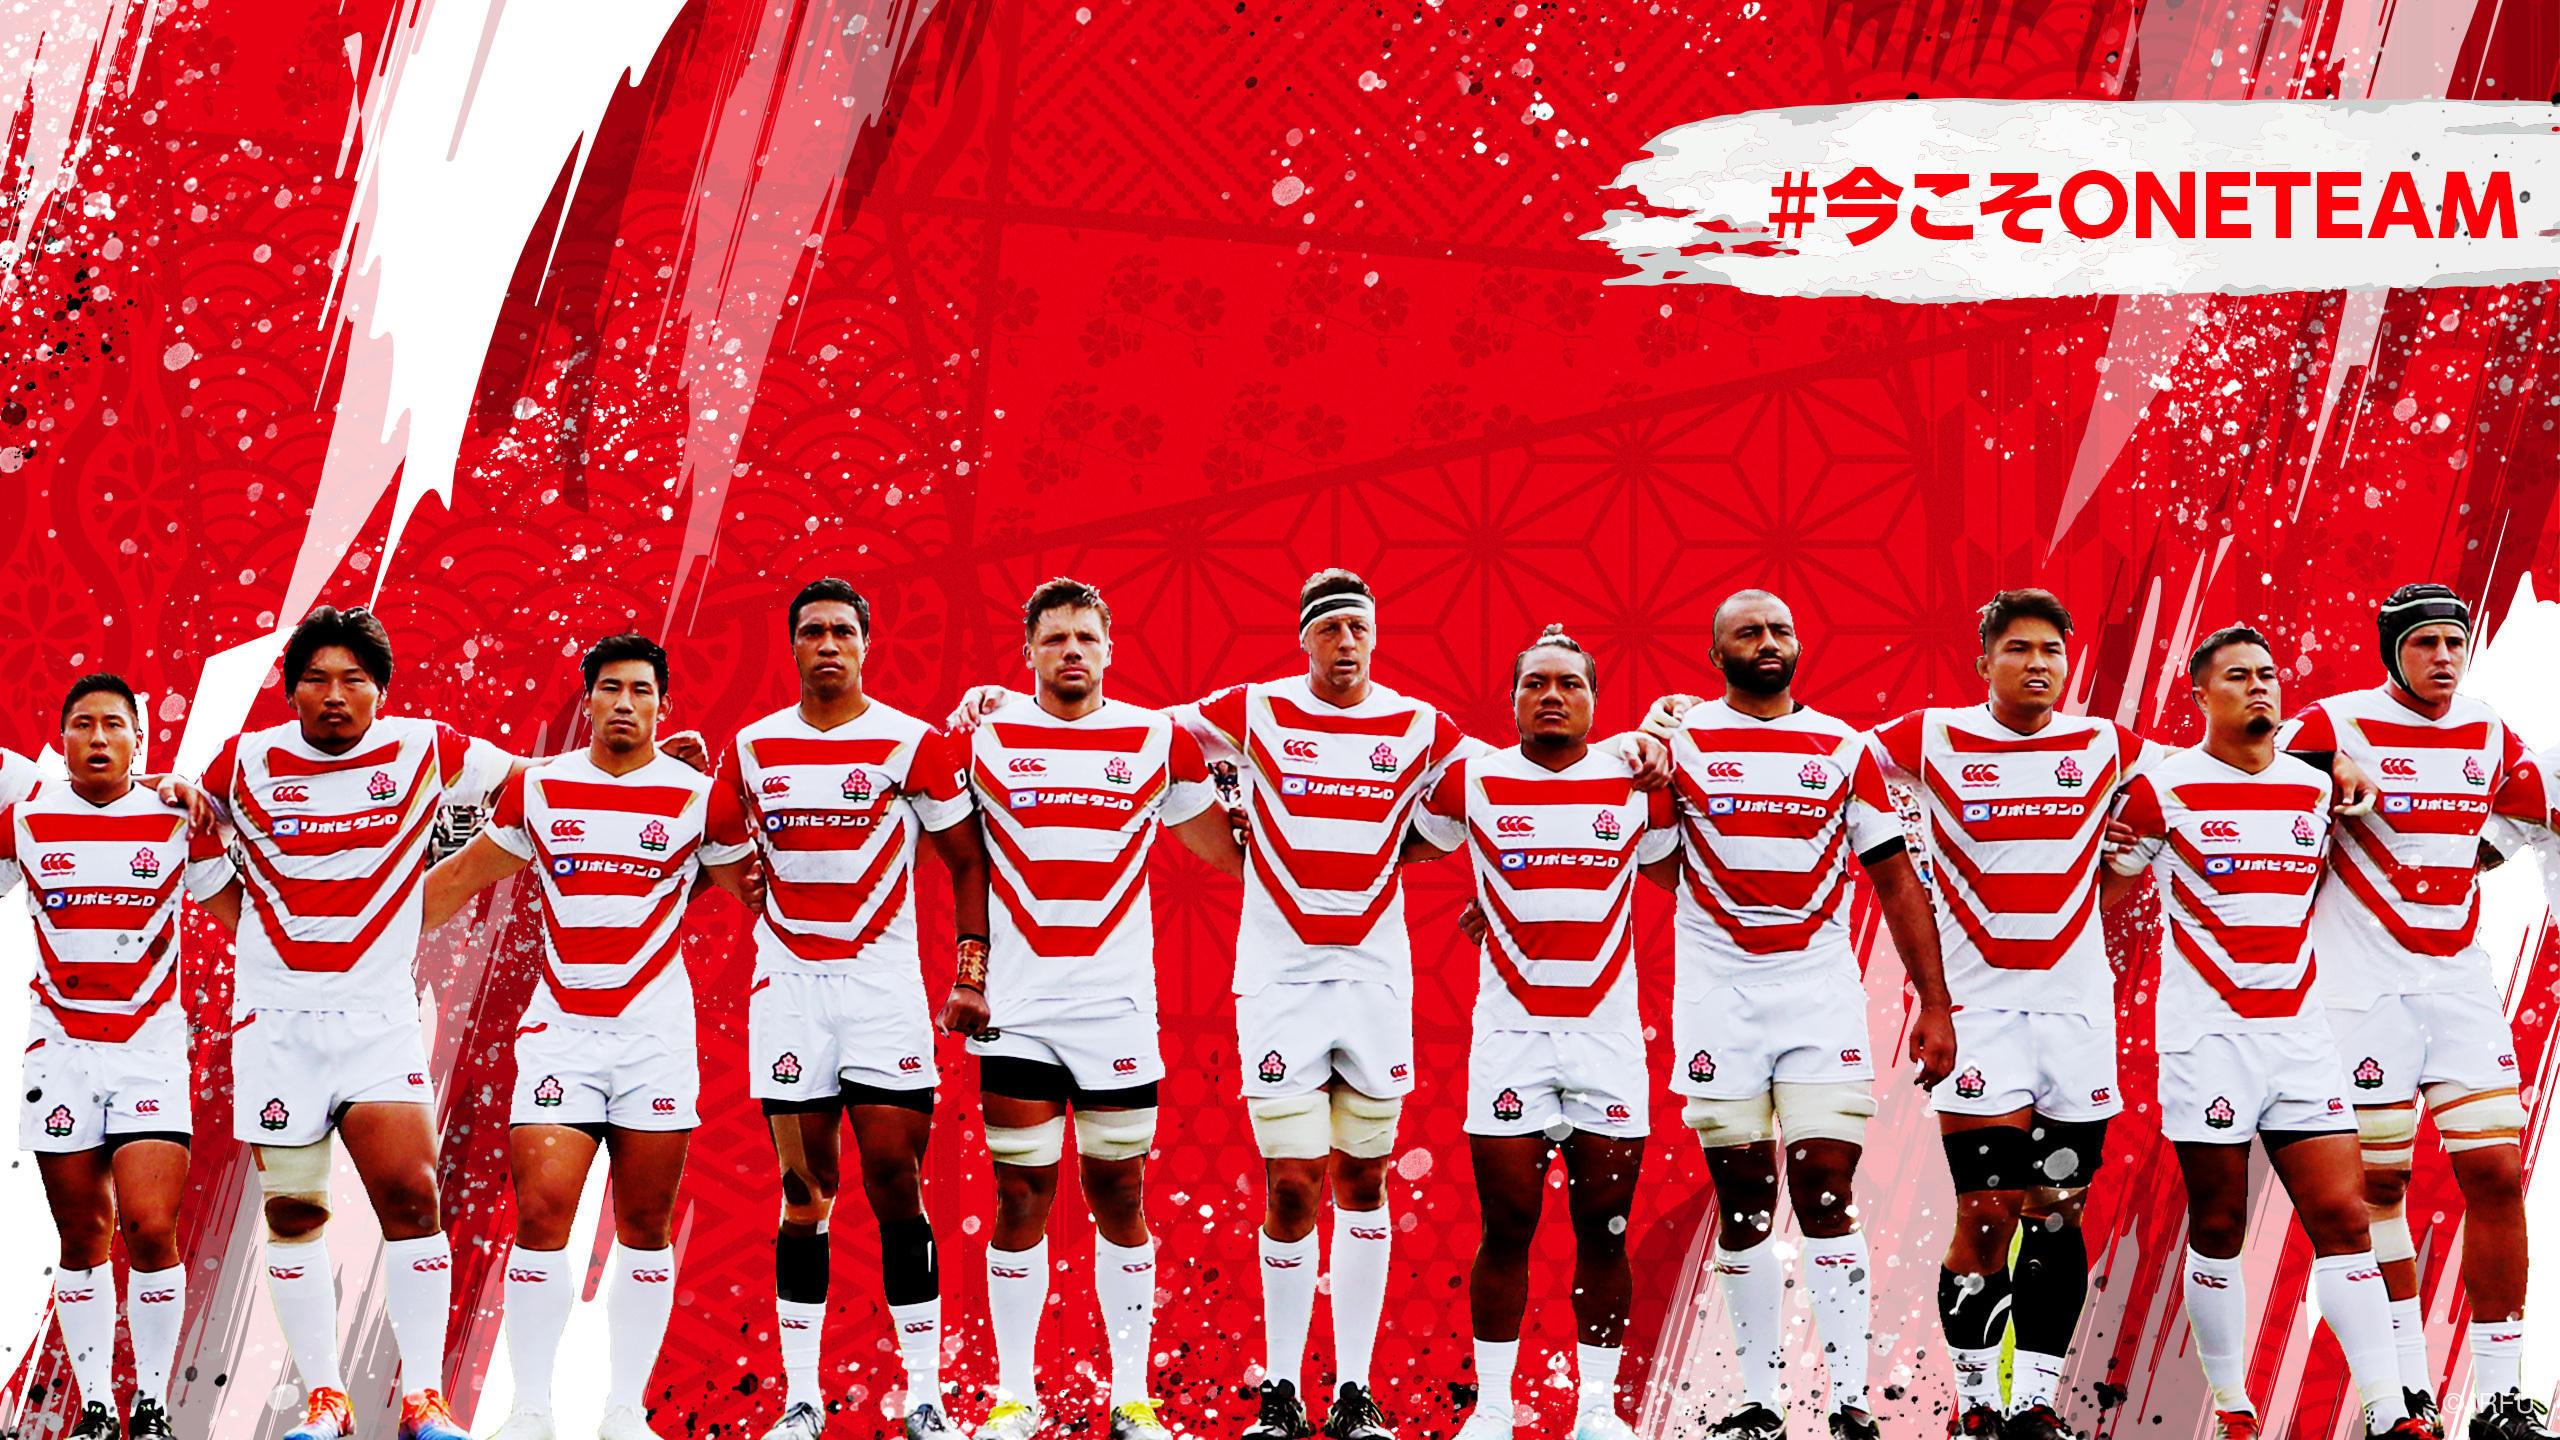 オンラインミーティング用オリジナル背景画像のご紹介 日本ラグビーフットボール協会 Rugby For All ノーサイドの精神 を 日本へ 世界へ